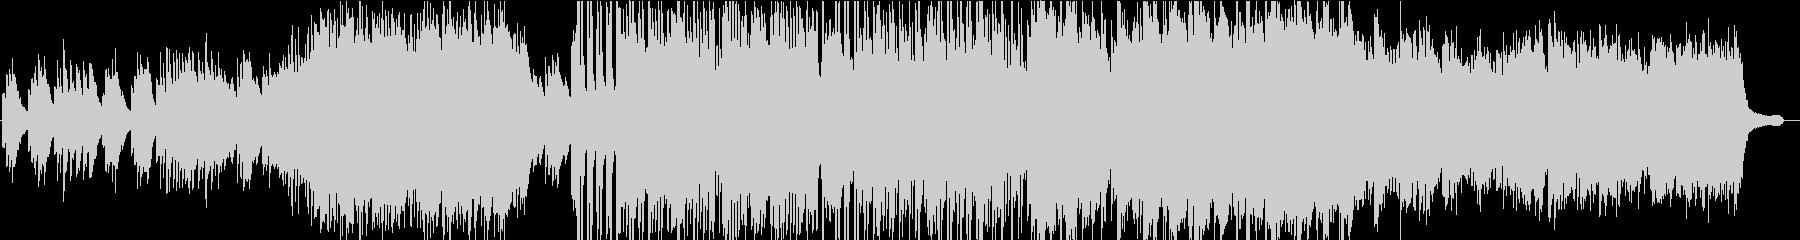 バイオリン生演奏/和風/モダン/荘厳の未再生の波形